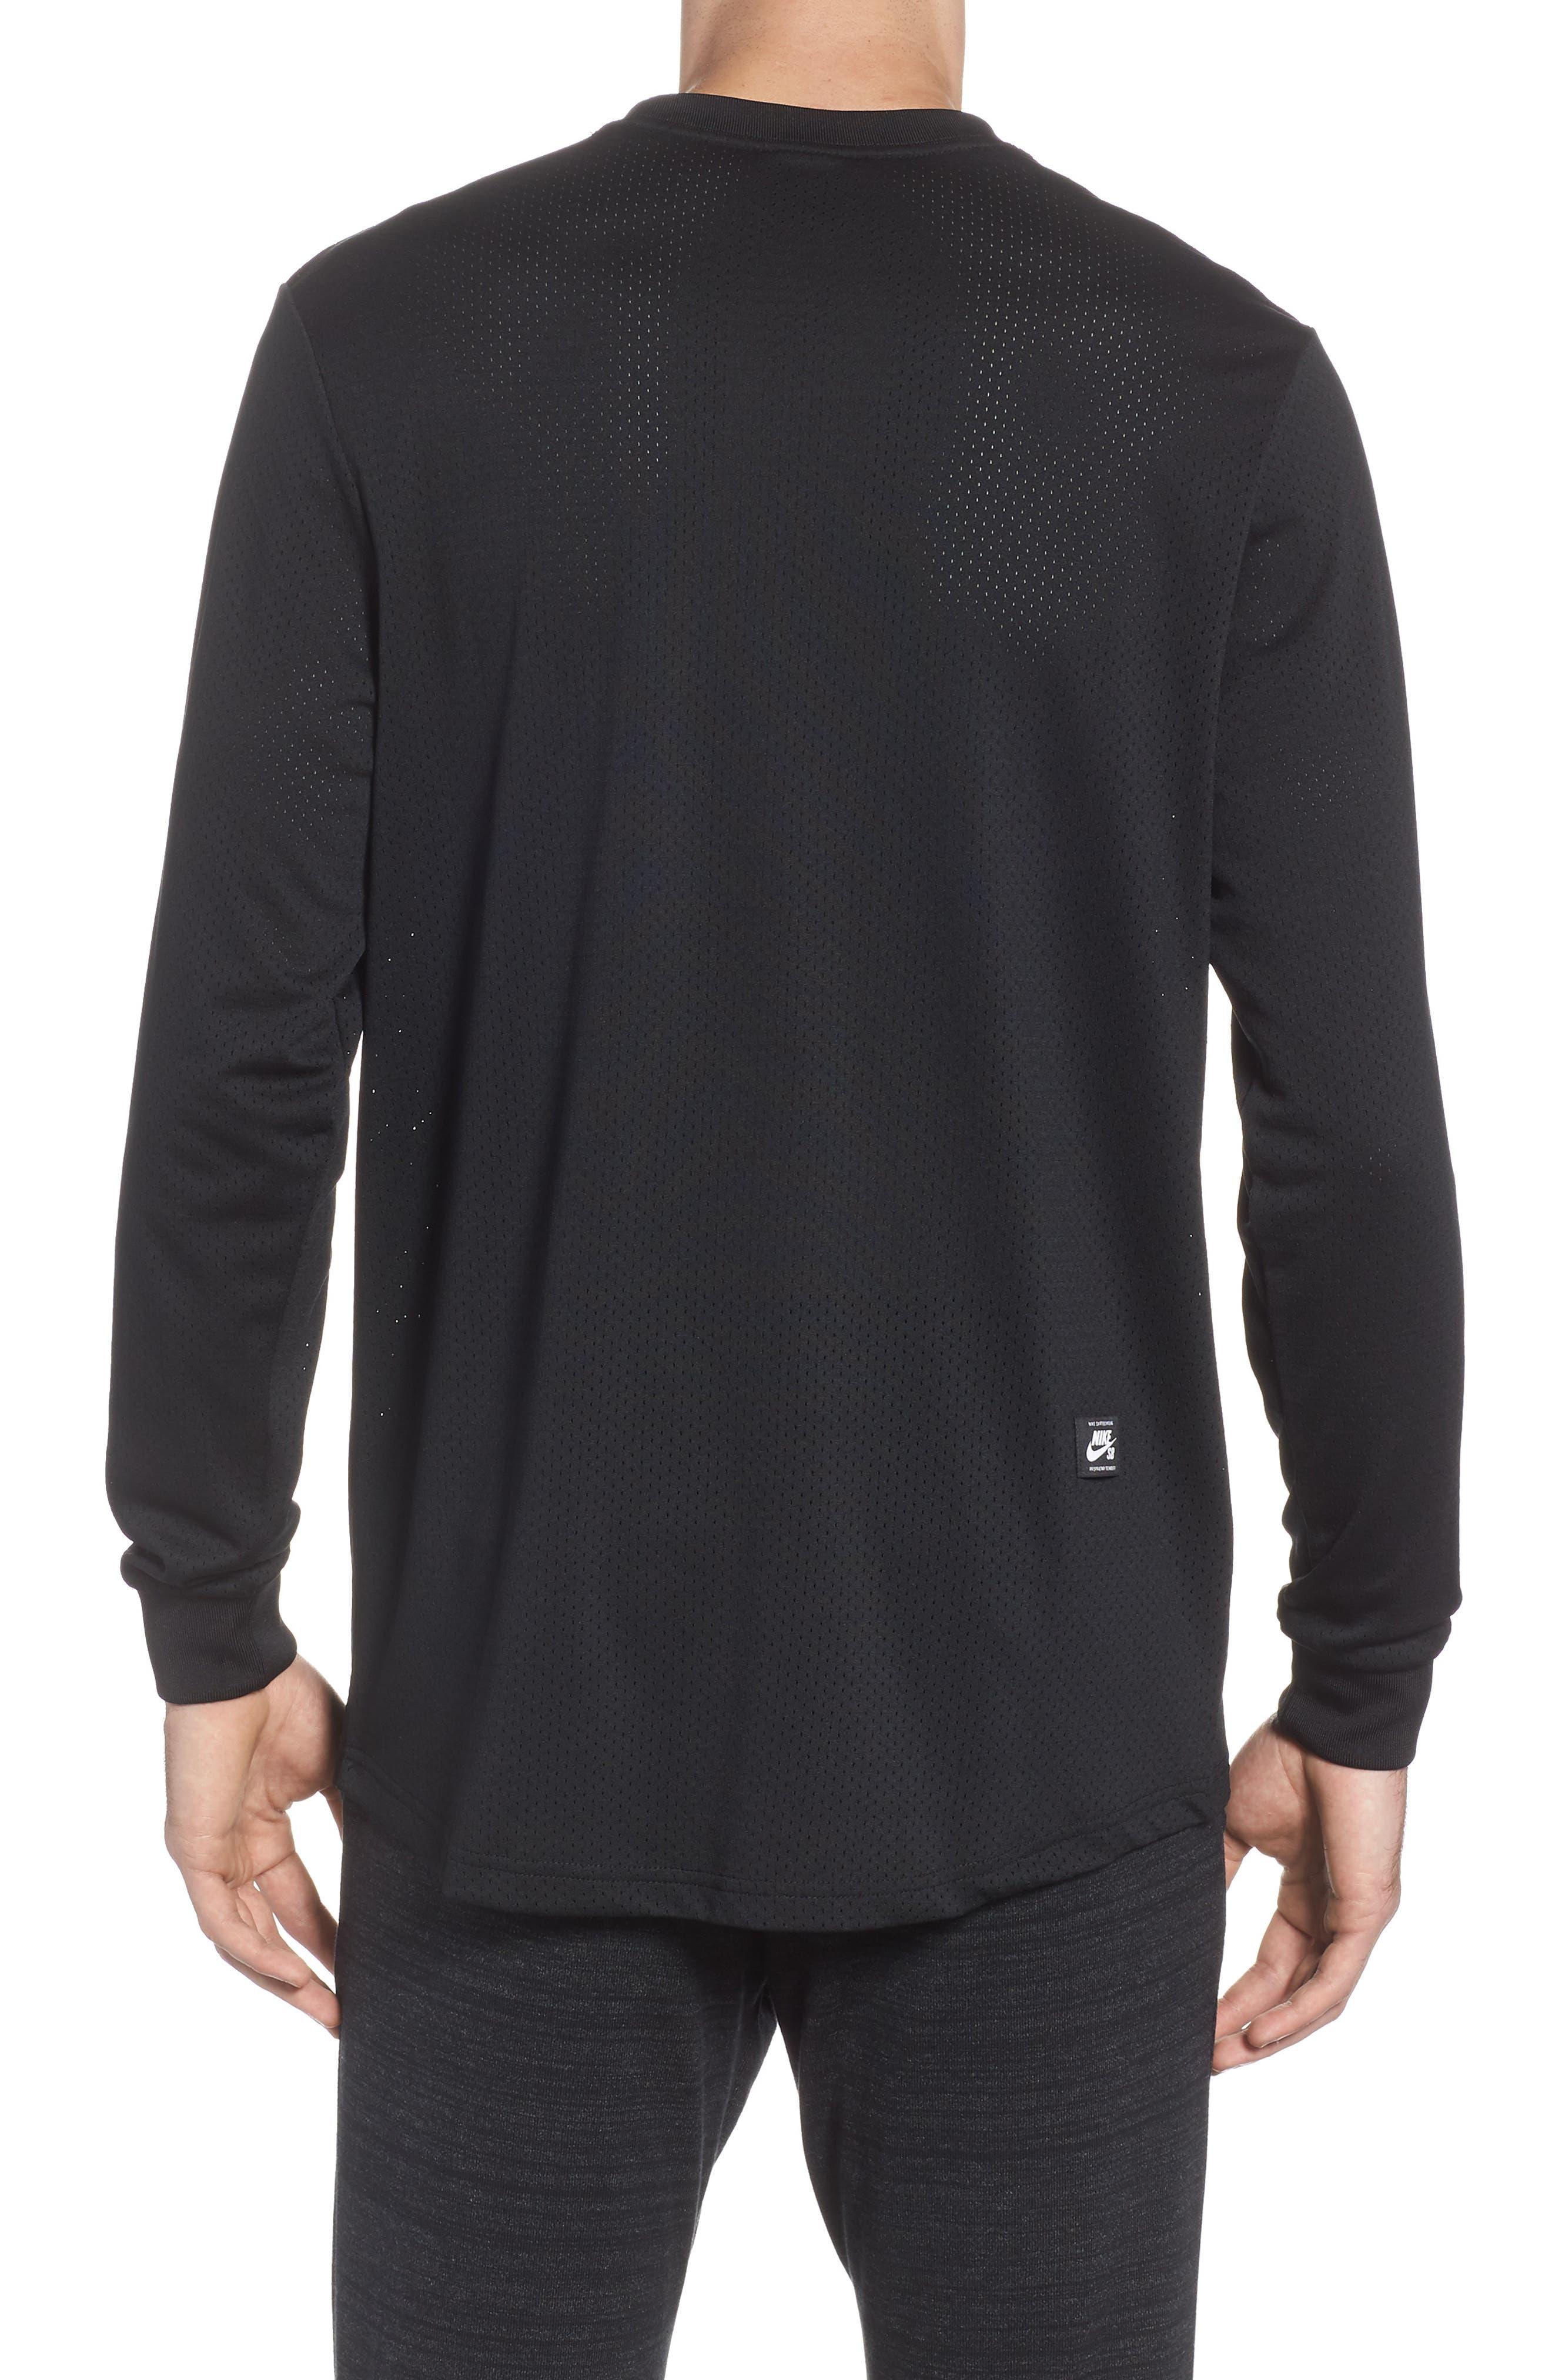 SB Dry GFX Long Sleeve T-Shirt,                             Alternate thumbnail 2, color,                             Black/ Black